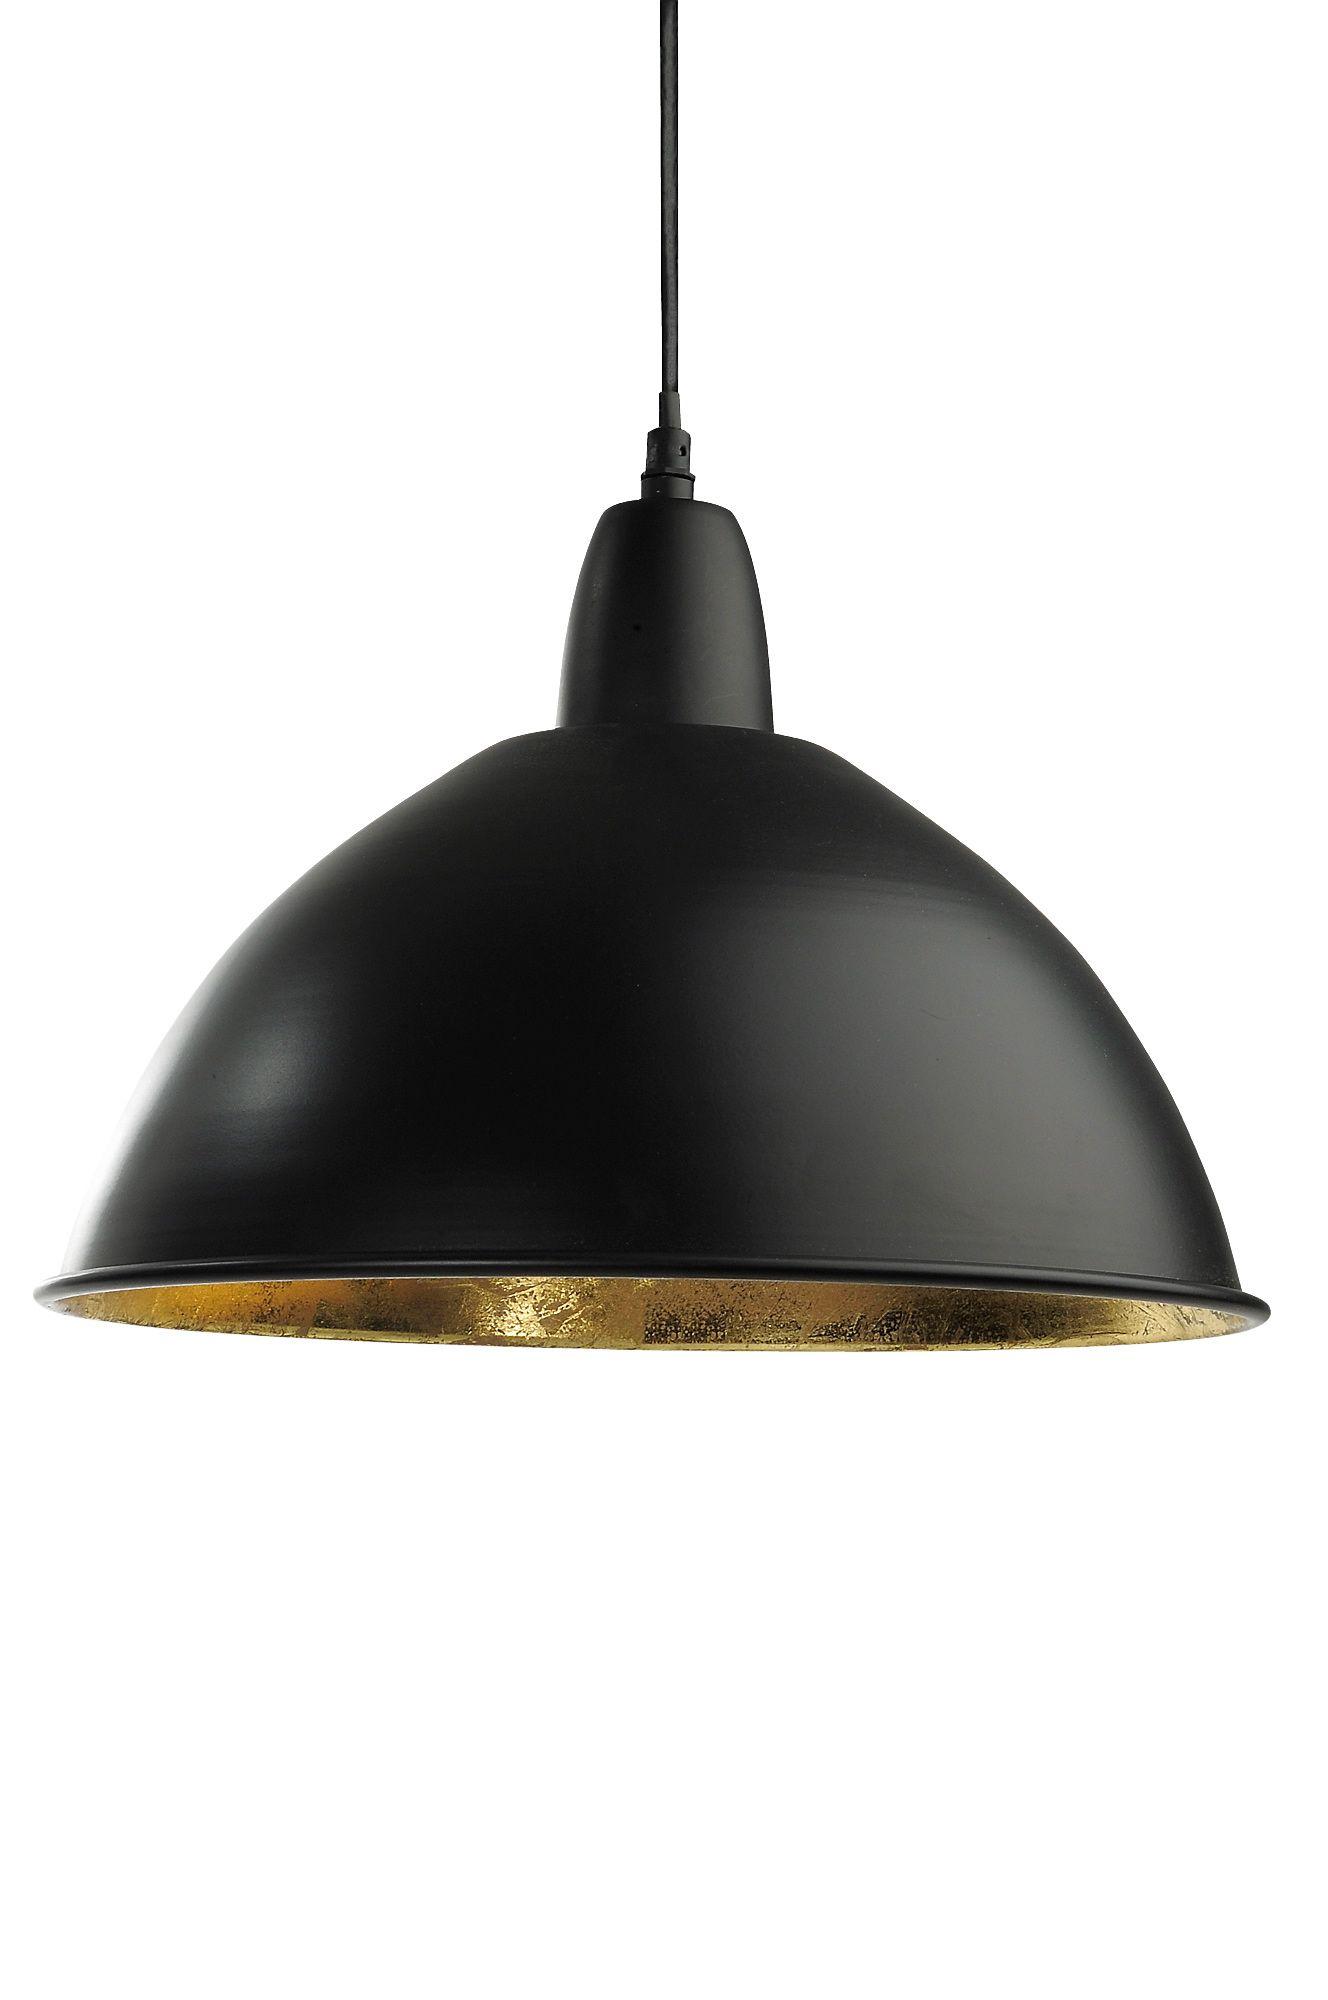 pr home taklampa metall i färgerna svart/guld inom hem - taklampor